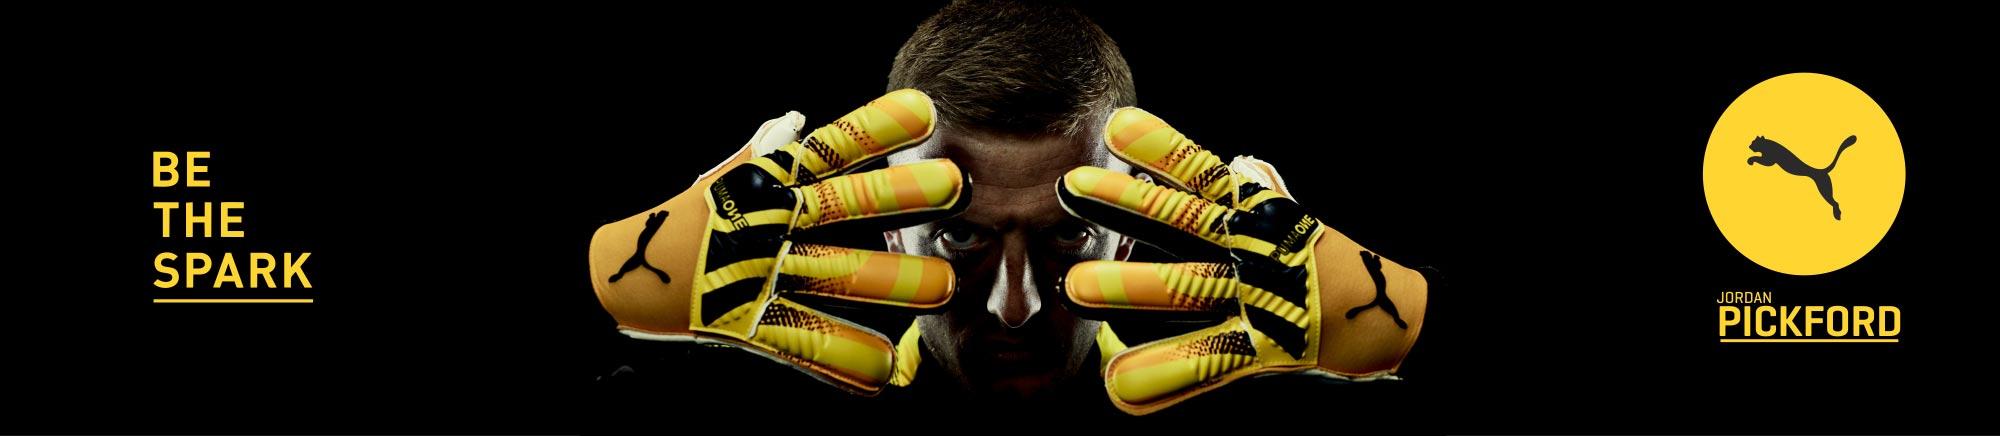 Puma Jordan Pickford Spark Goalkeeper Gloves